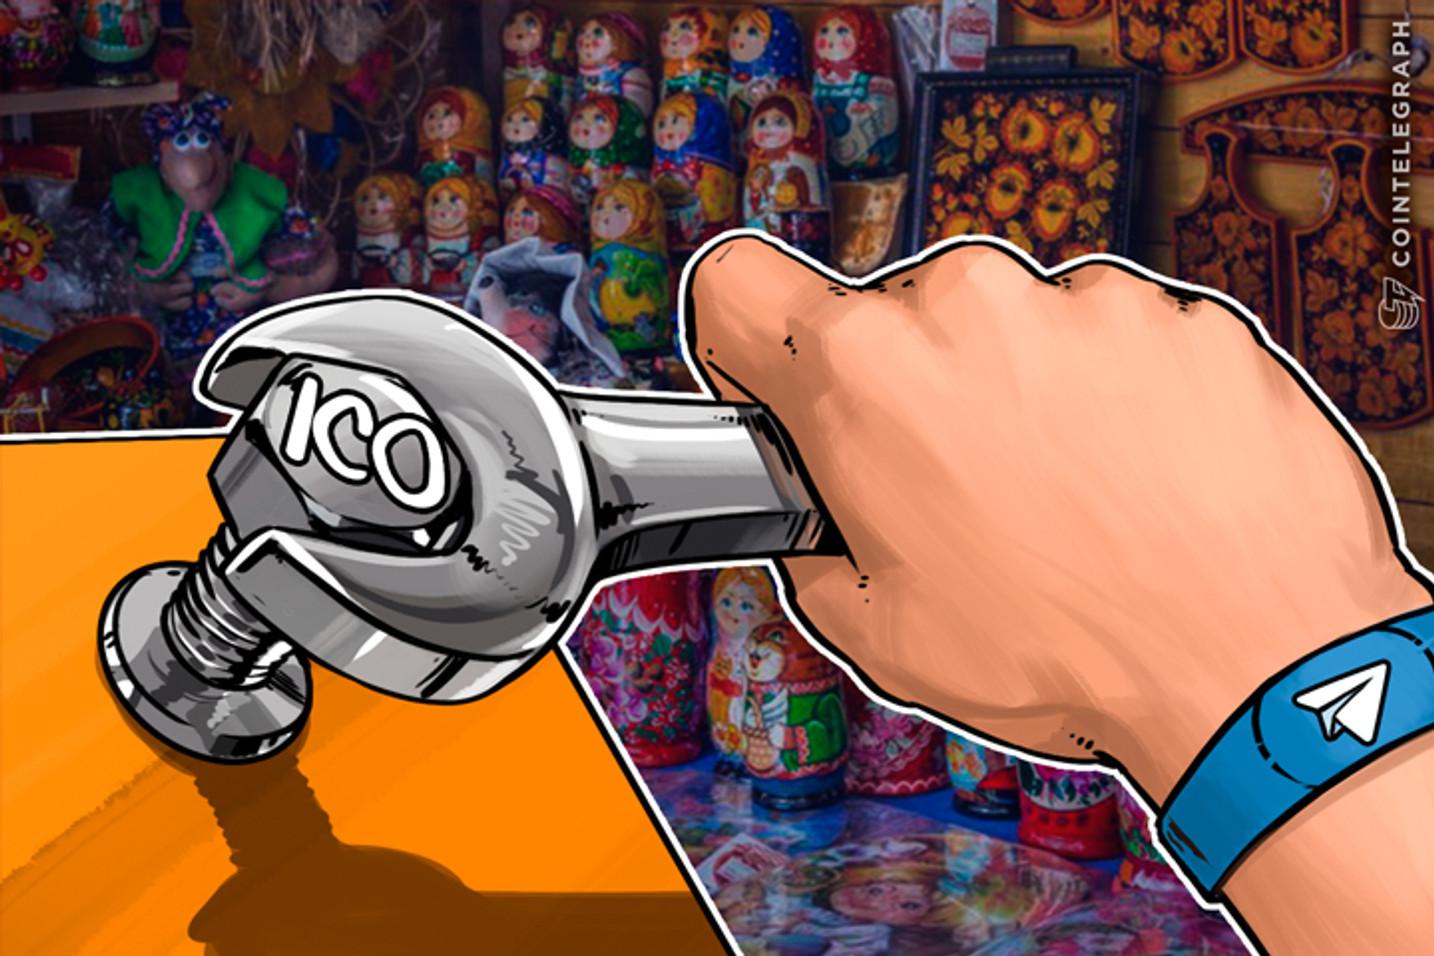 Chat-App-Riese Telegram verbietet ICO-Teilnahme für sanktionierte Personen und Regionen